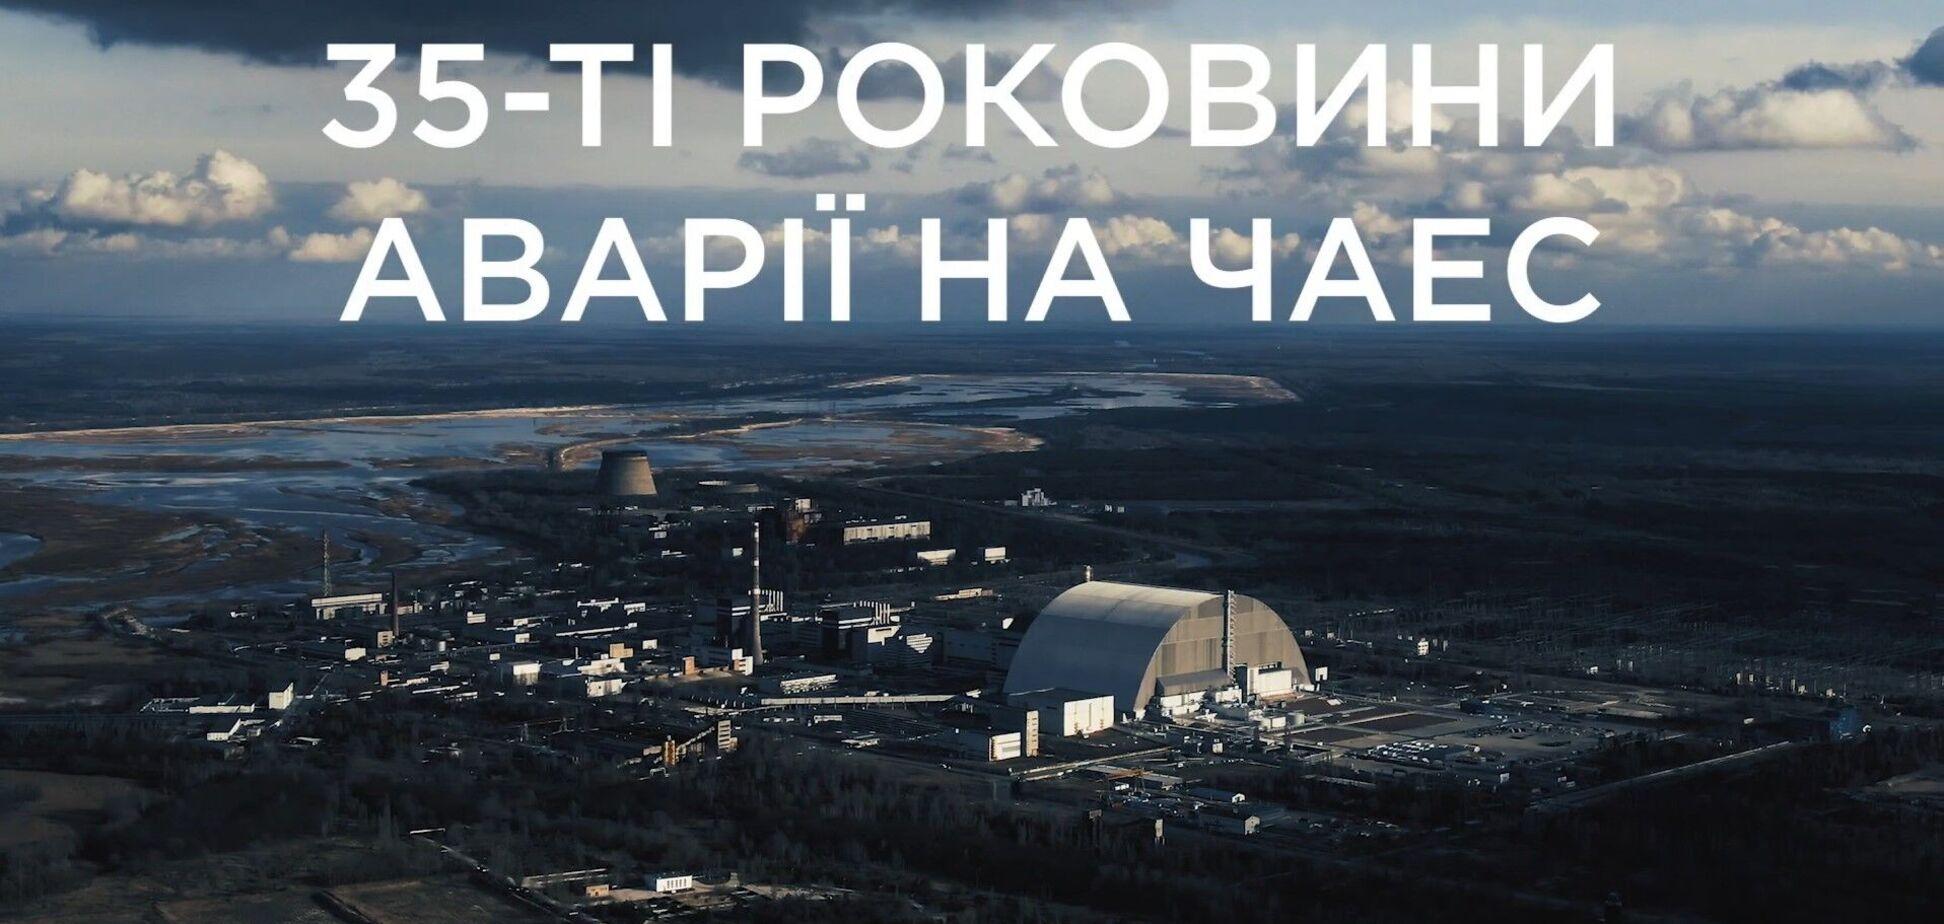 Организаторы проекта отметили, что 35-я годовщина взрыва на ЧАЭС является хорошим шансом 'вернуть Чернобыль в поле сознания общества'